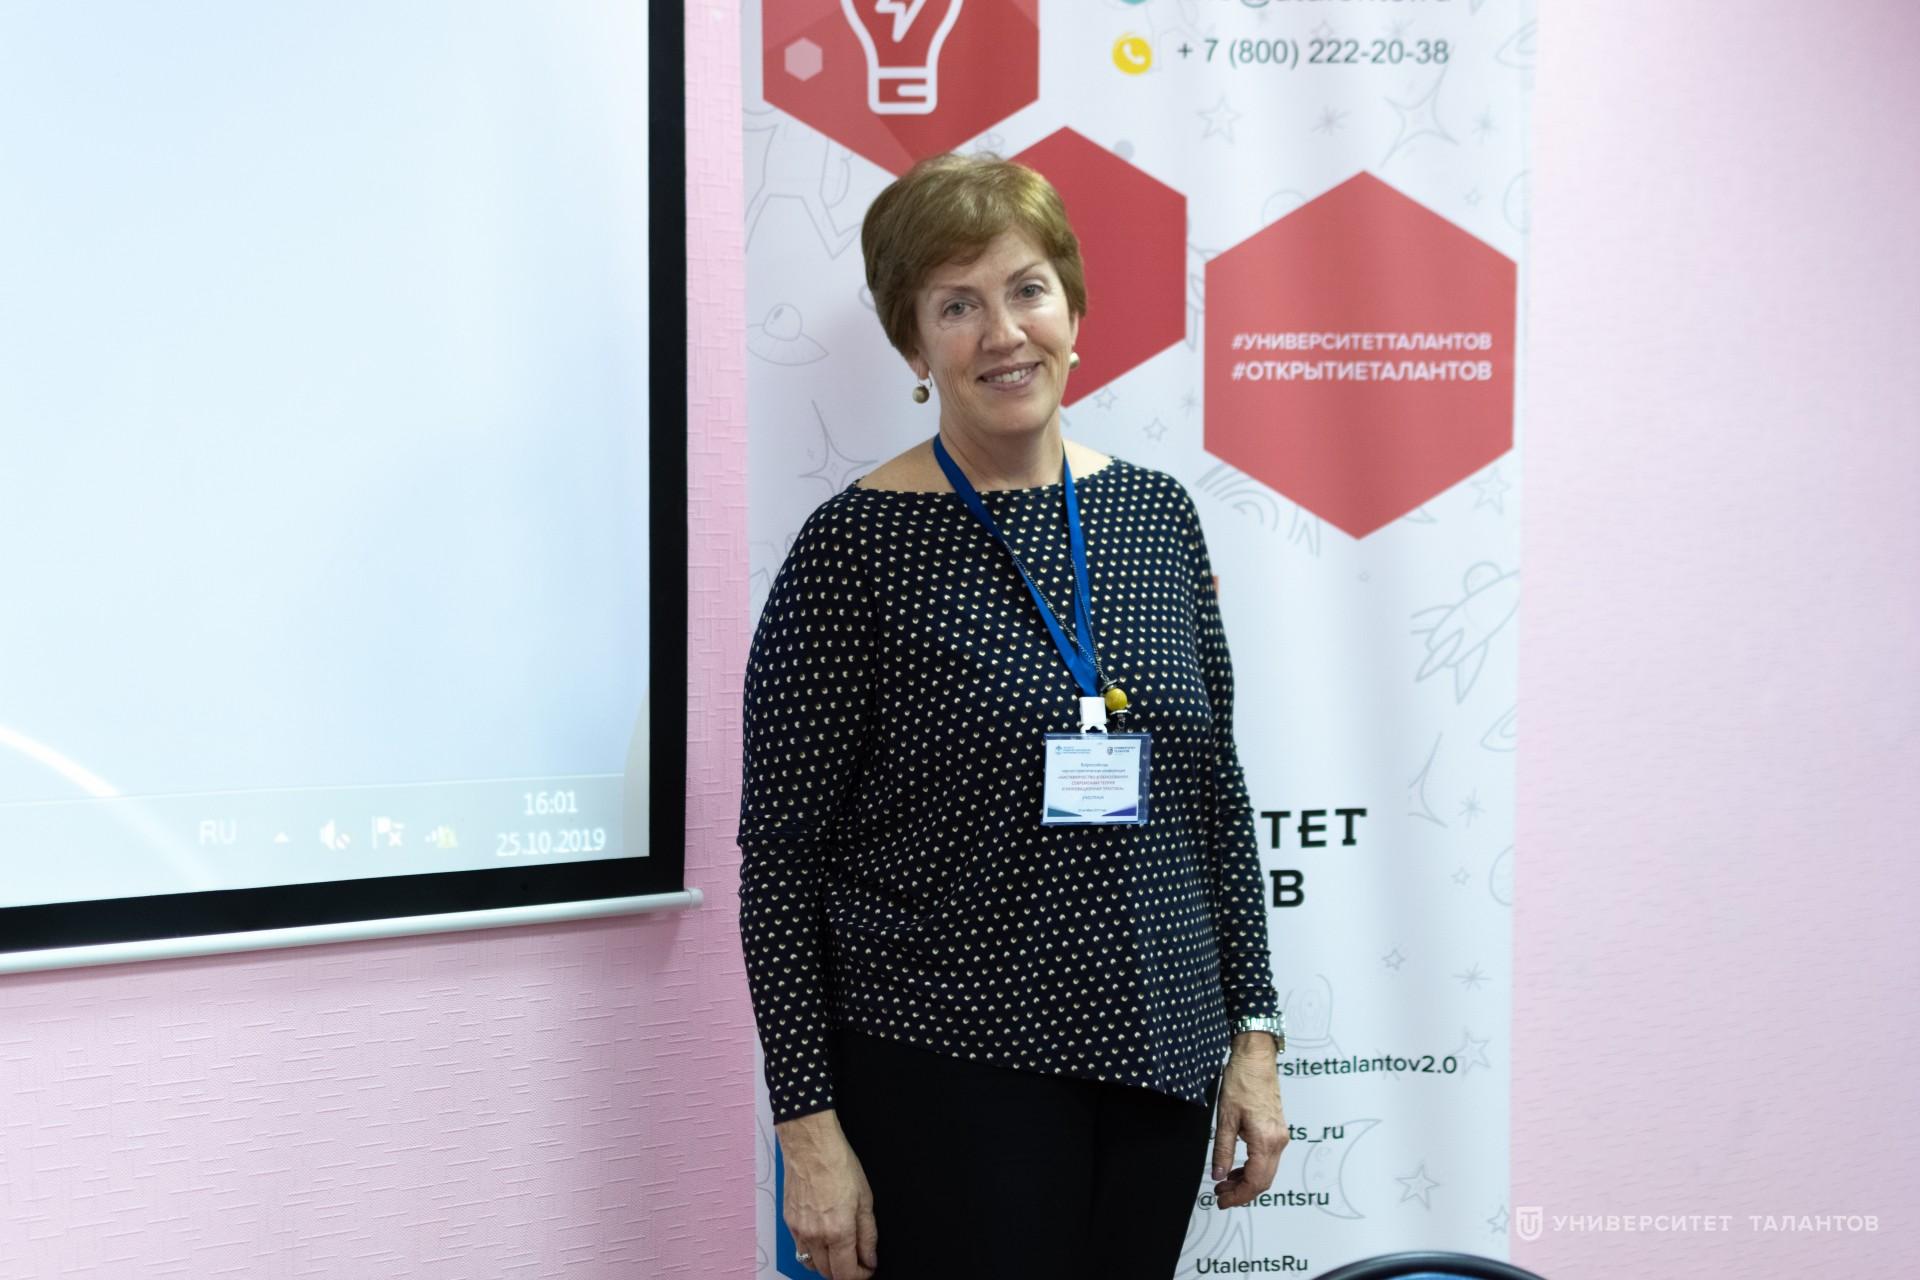 Девушка модель наставничества на работе приват русской веб модели